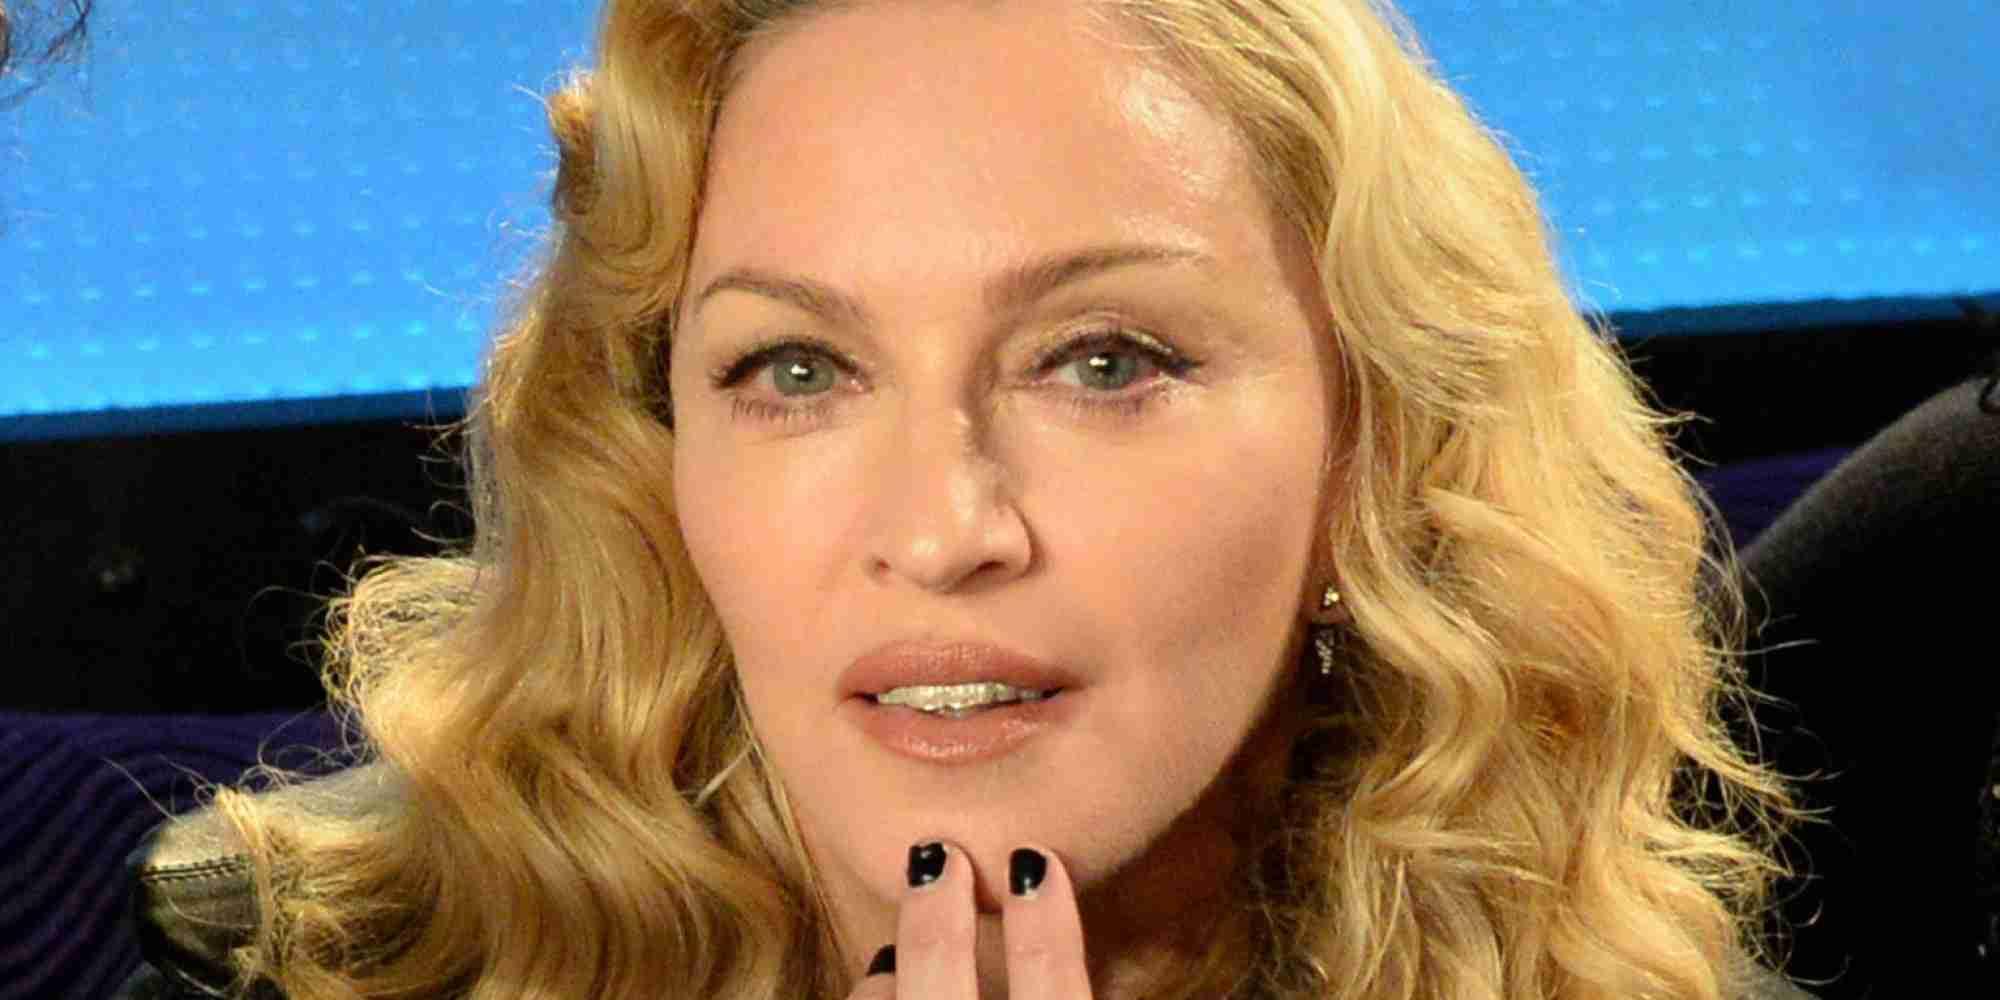 マドンナがレイプ被害を届け出なかった理由 | The Huffington Post